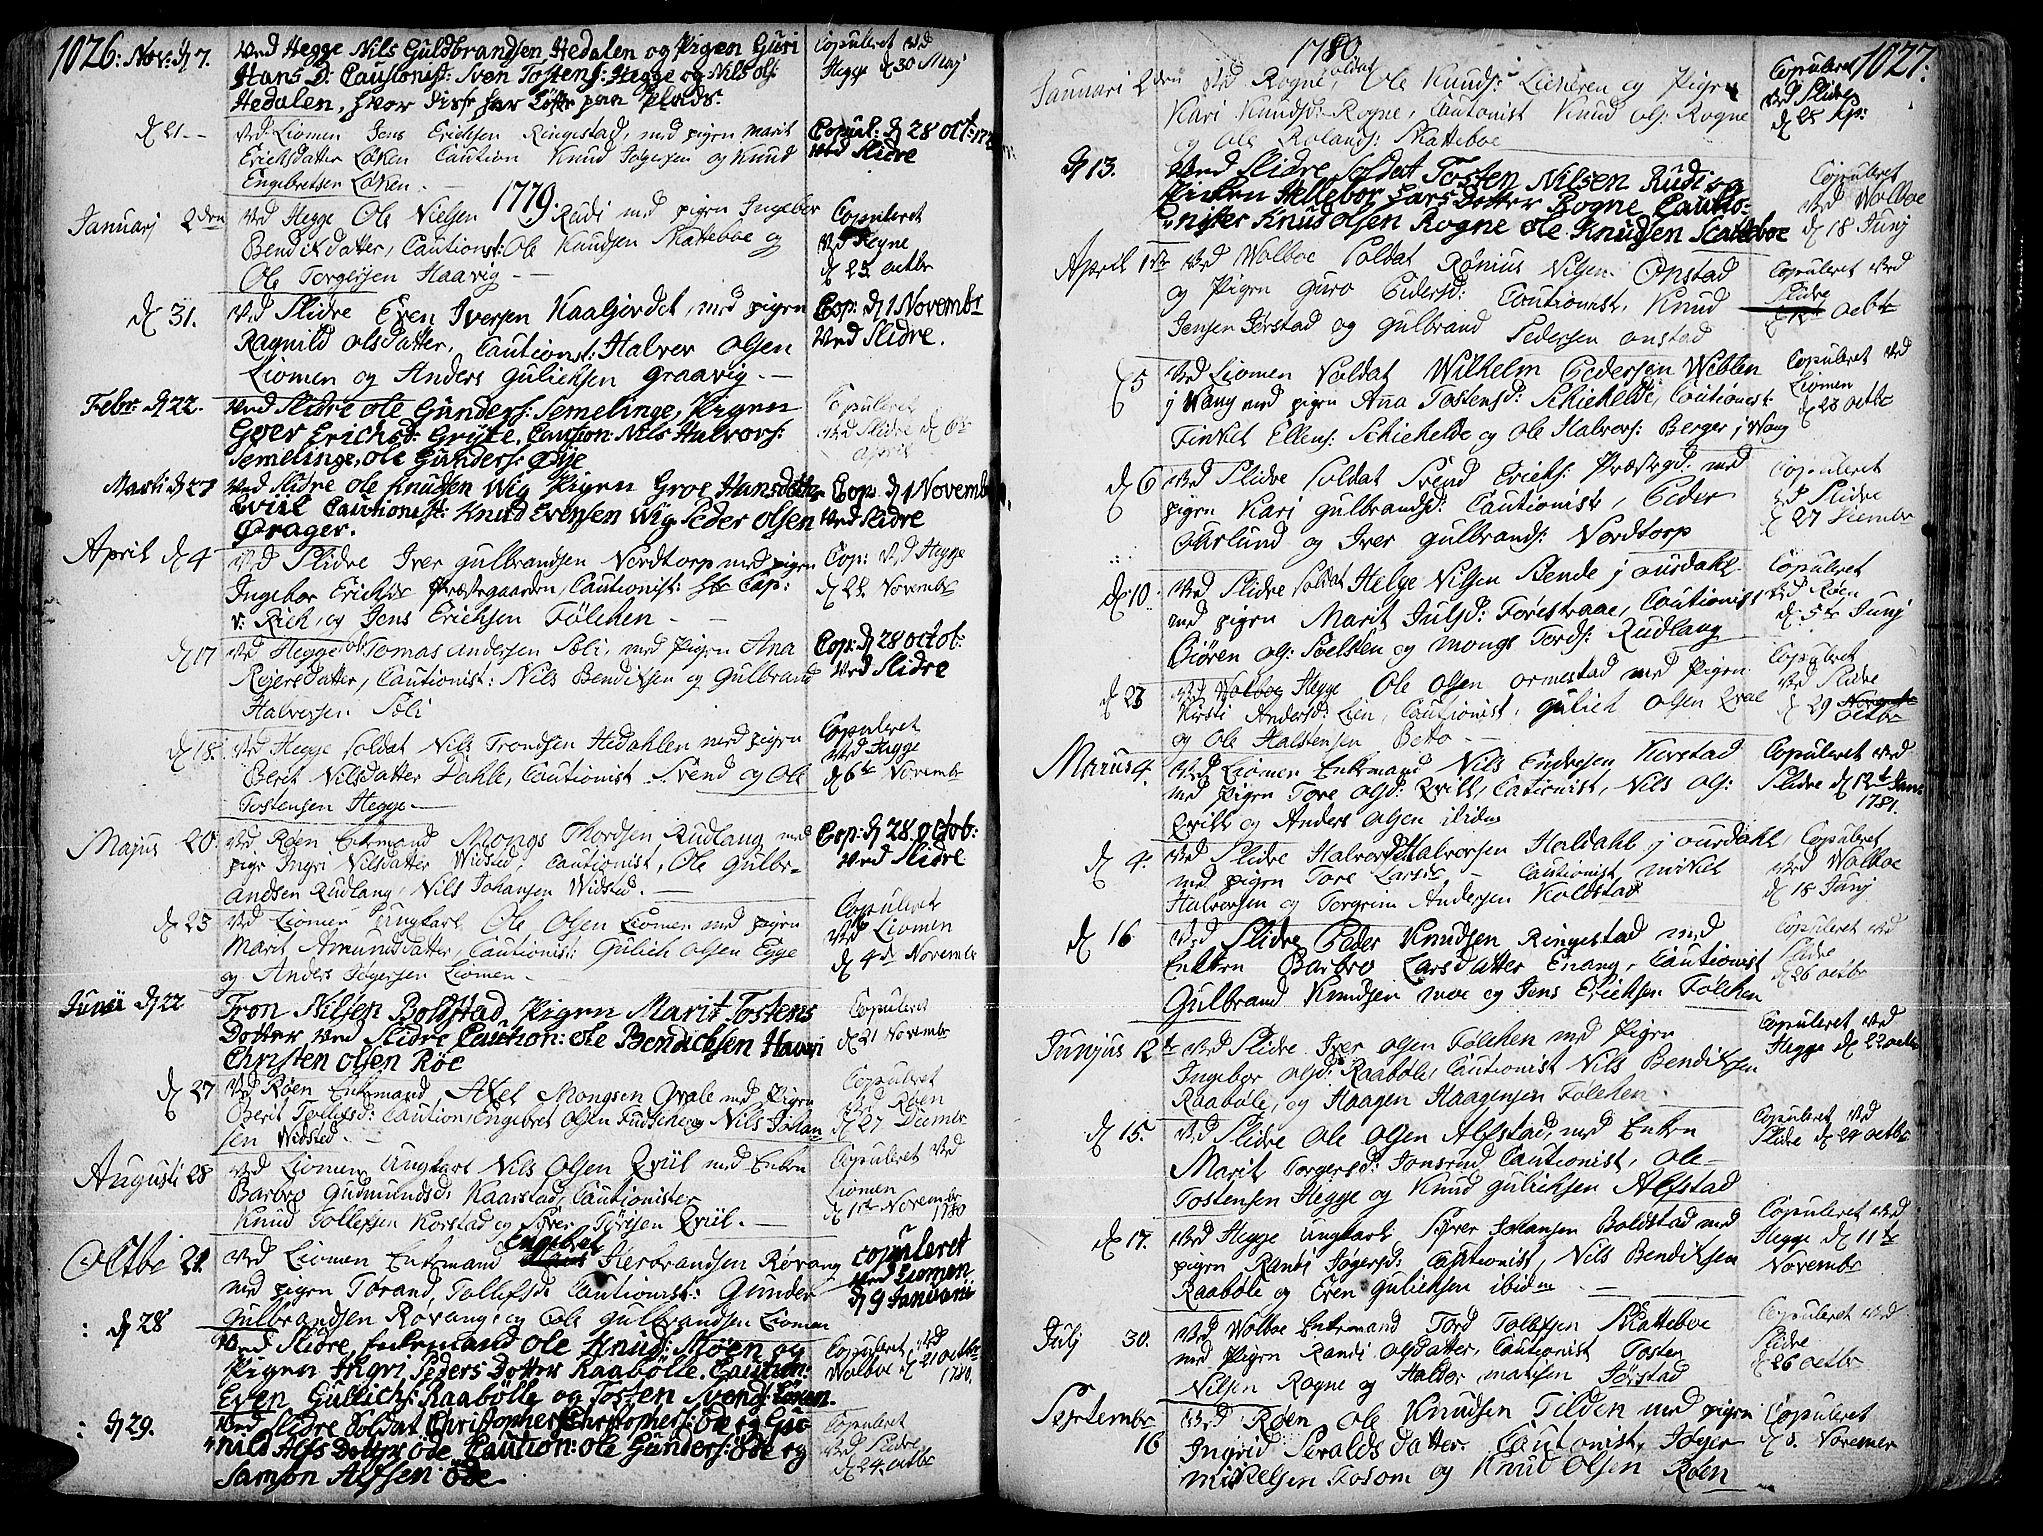 SAH, Slidre prestekontor, Ministerialbok nr. 1, 1724-1814, s. 1026-1027